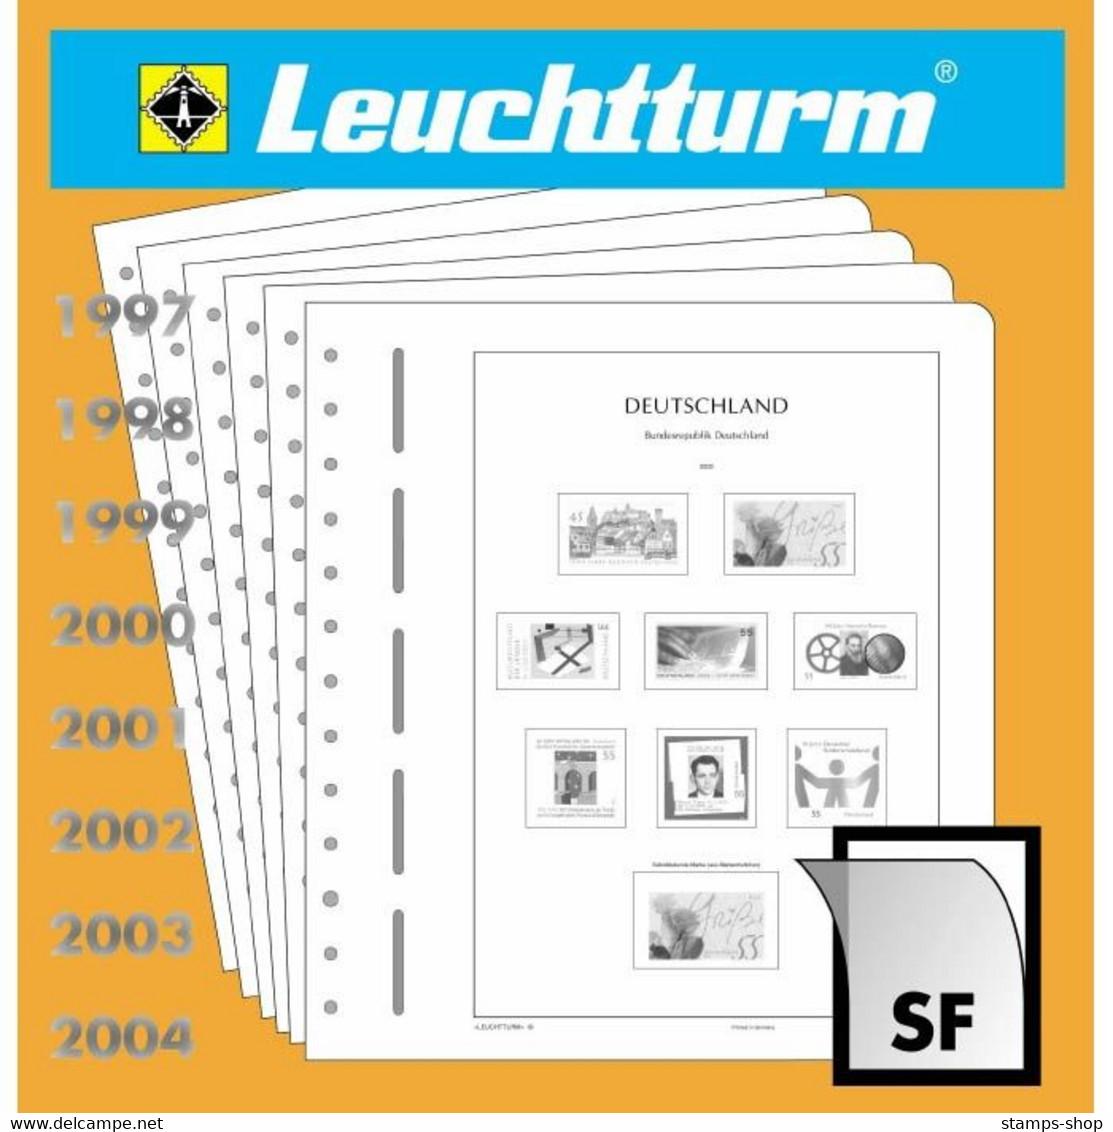 Leuchtturm Nachtrag Deutschland Gemeinschaftsausgaben 1997 SF Mit Taschen Neu - Pre-printed Pages